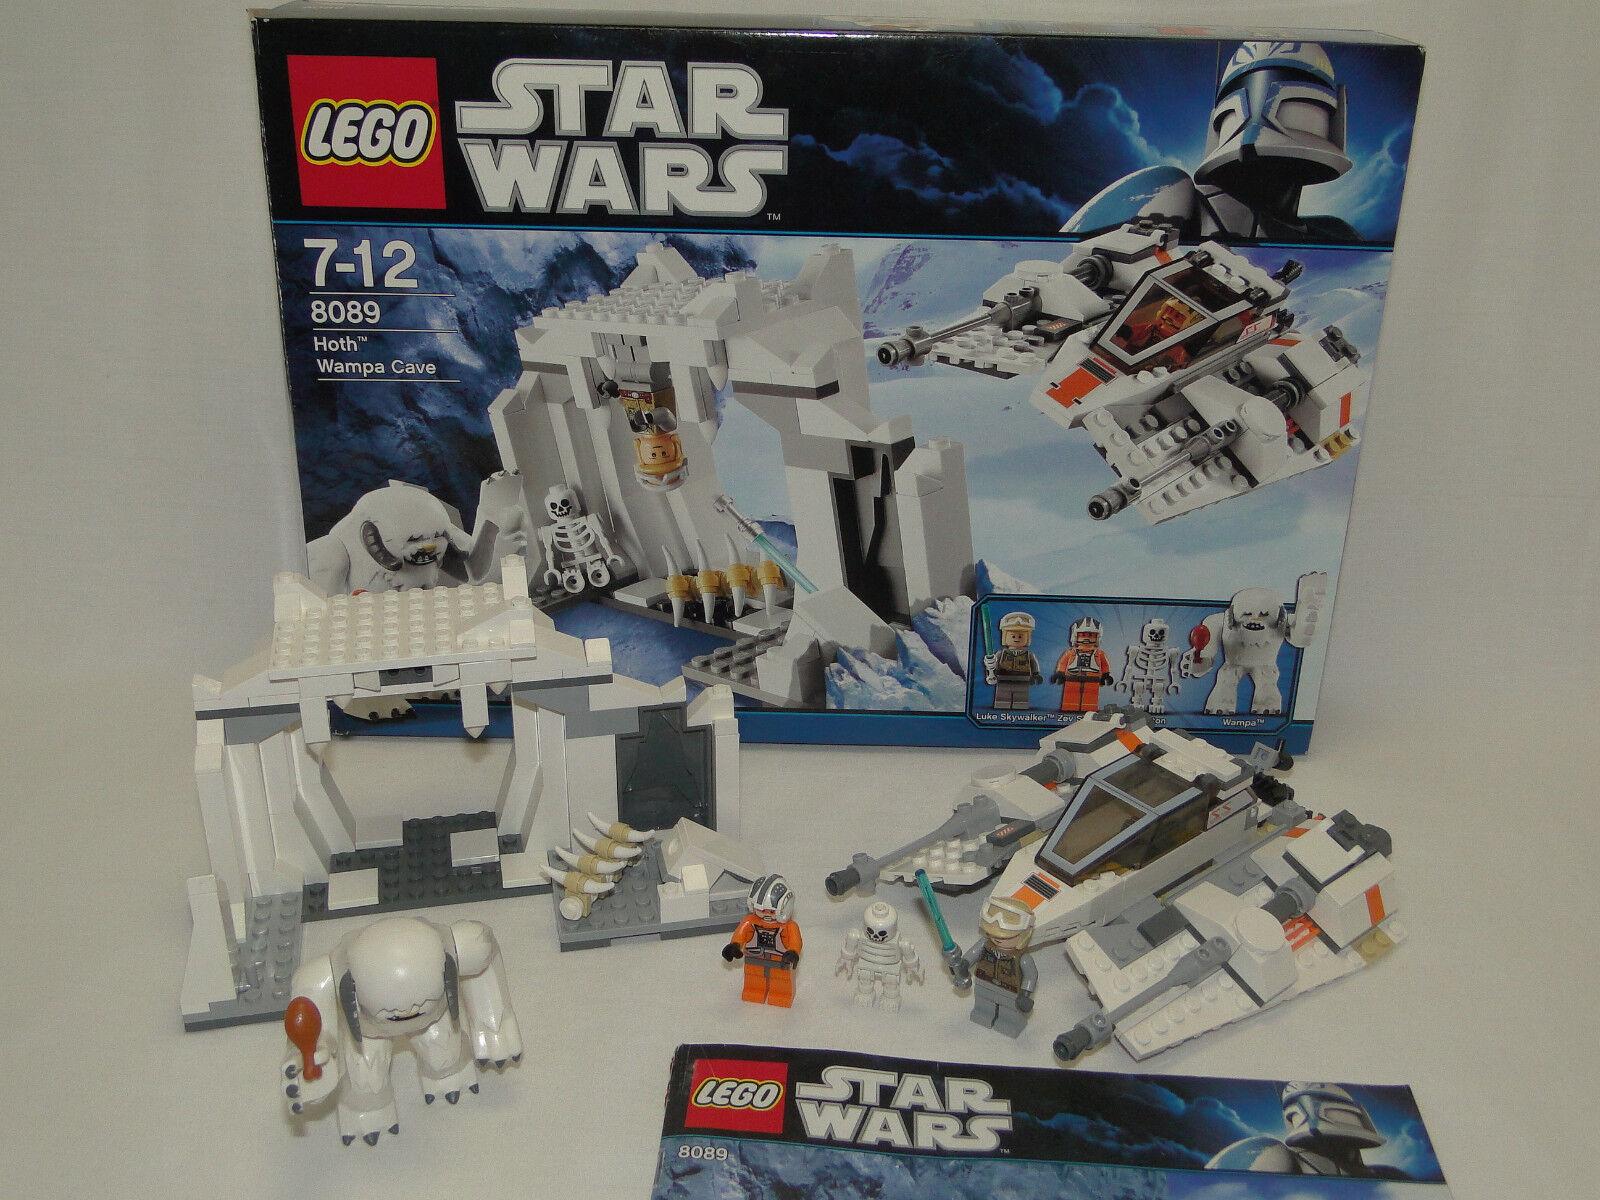 Lego Star Wars 8089 Hoth Wampa Cave komplett mit OBA + OVP